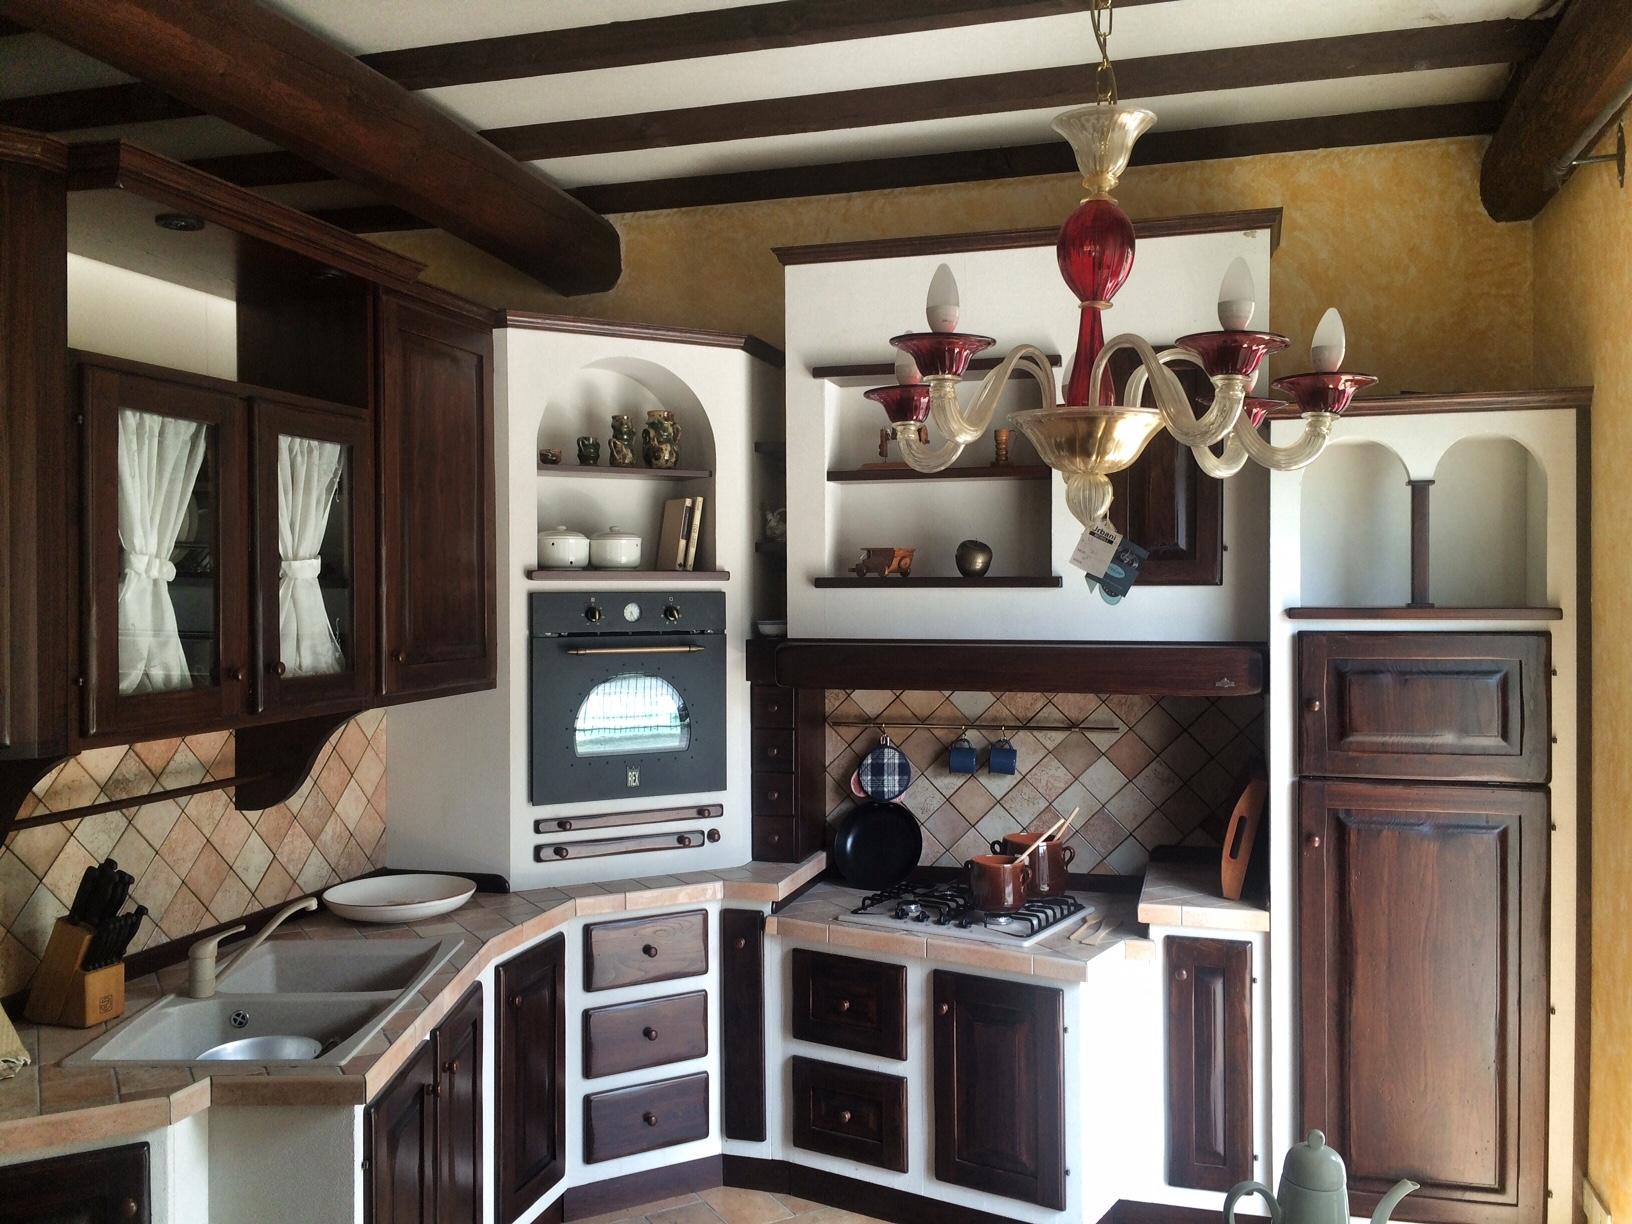 Cucine ad angolo zappalorto a prezzi scontati cucine a for Cucine muratura prezzi di fabbrica